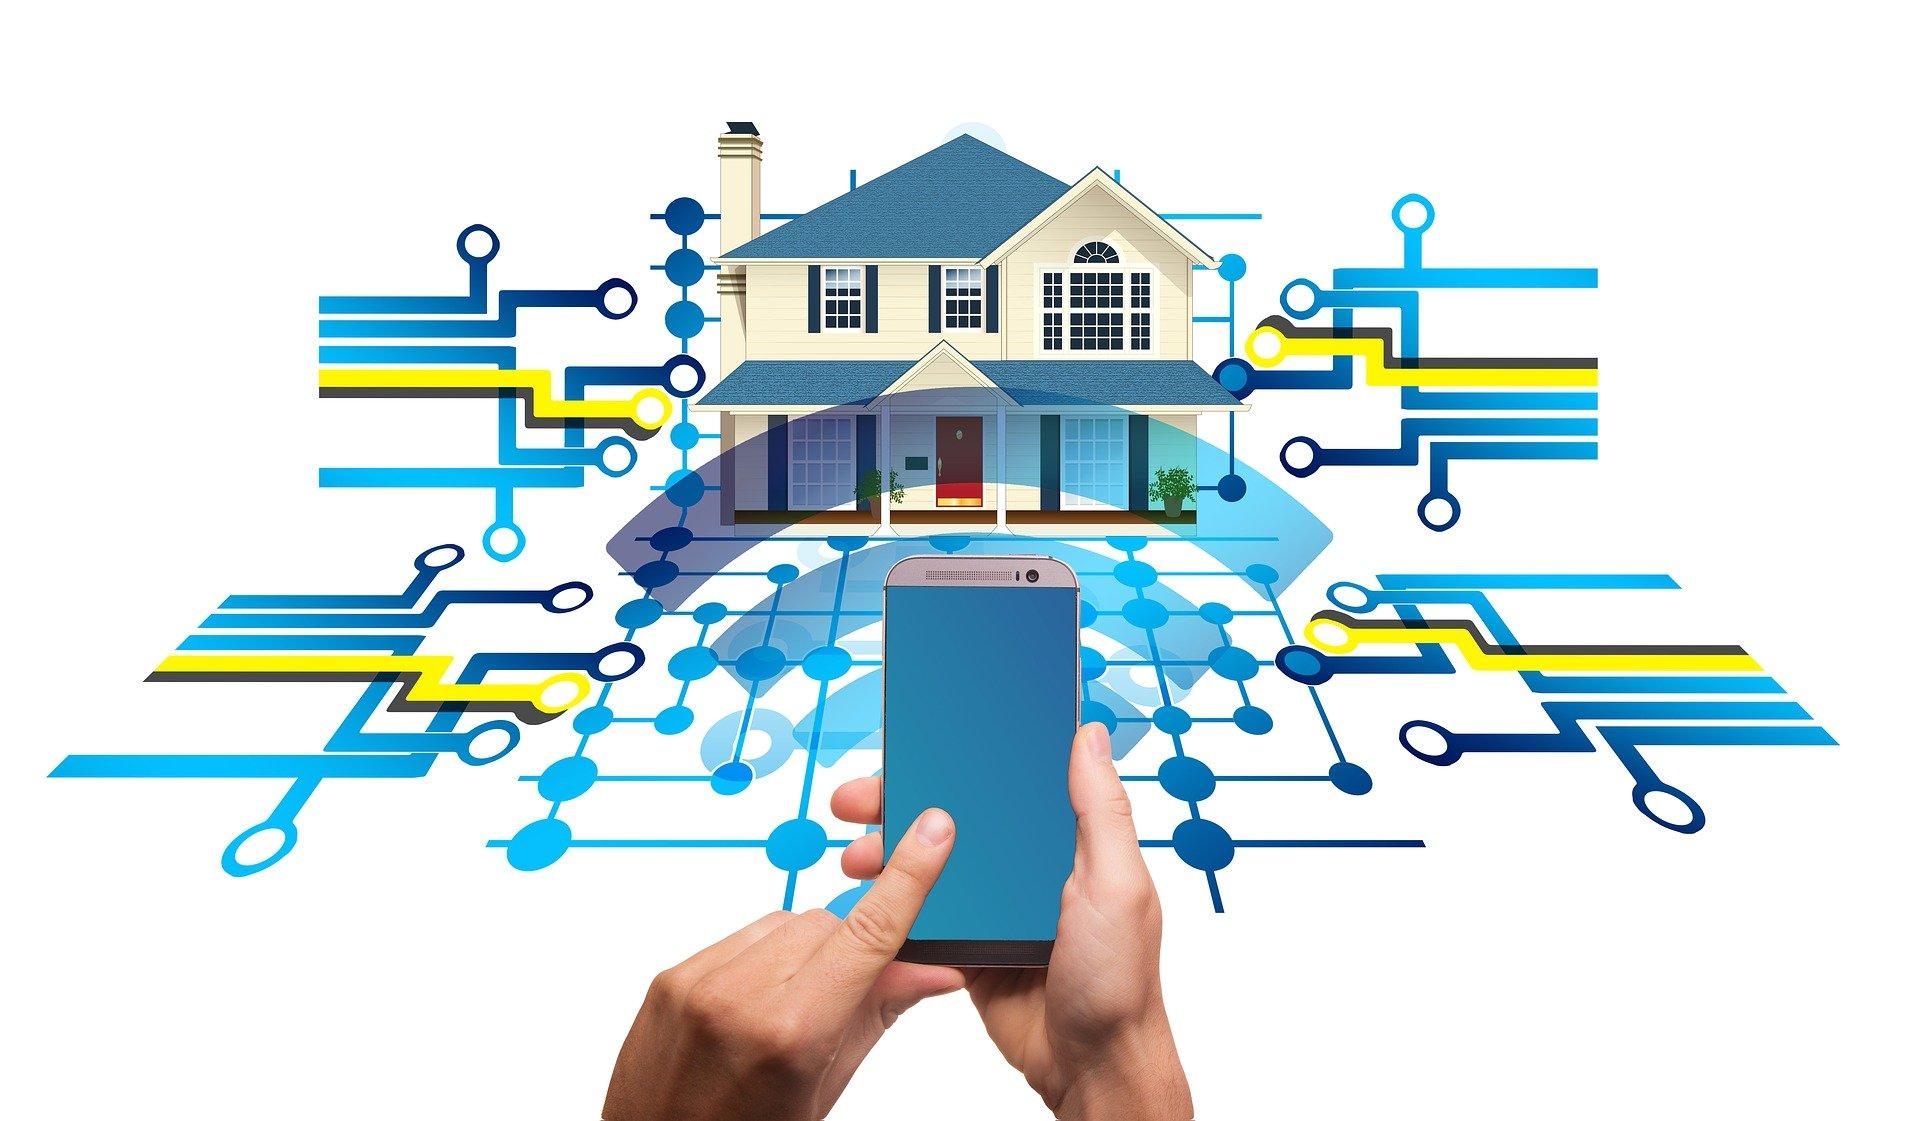 4_façons_d_économiser_de_l_argent_en_investissant_dans_la_technologie_des_maisons_intelligentes